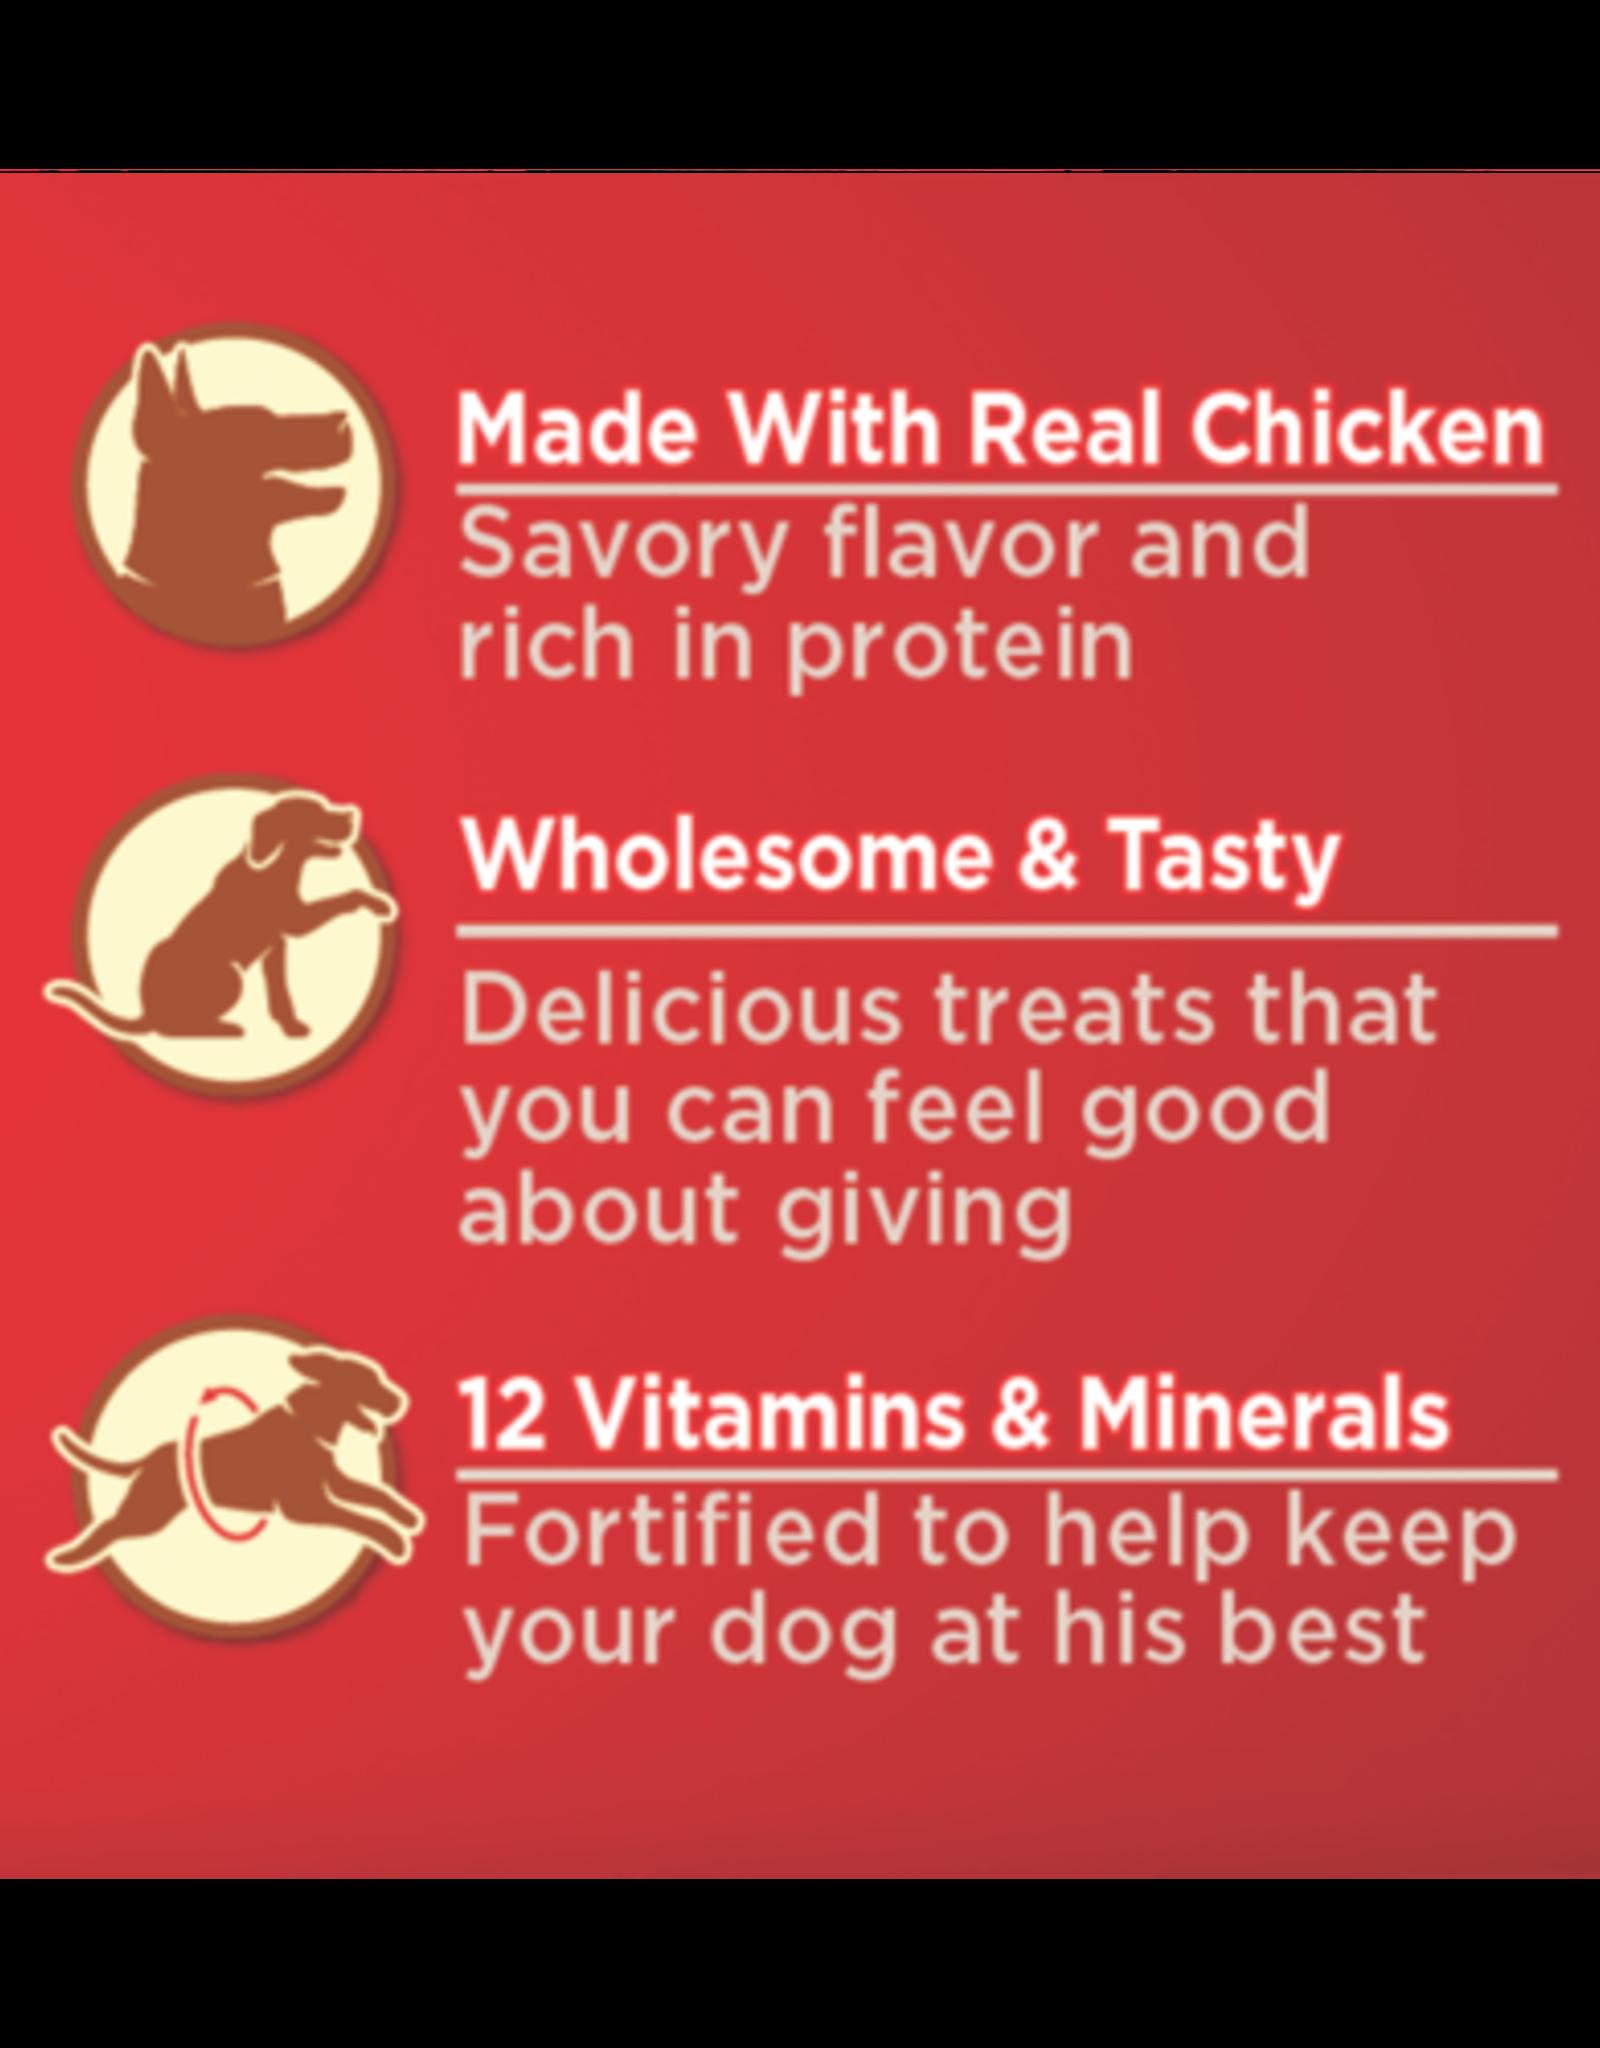 DELMONTE FOODS LLC MILKBONE CHEWY CHICKEN DRUMSTICK 25OZ